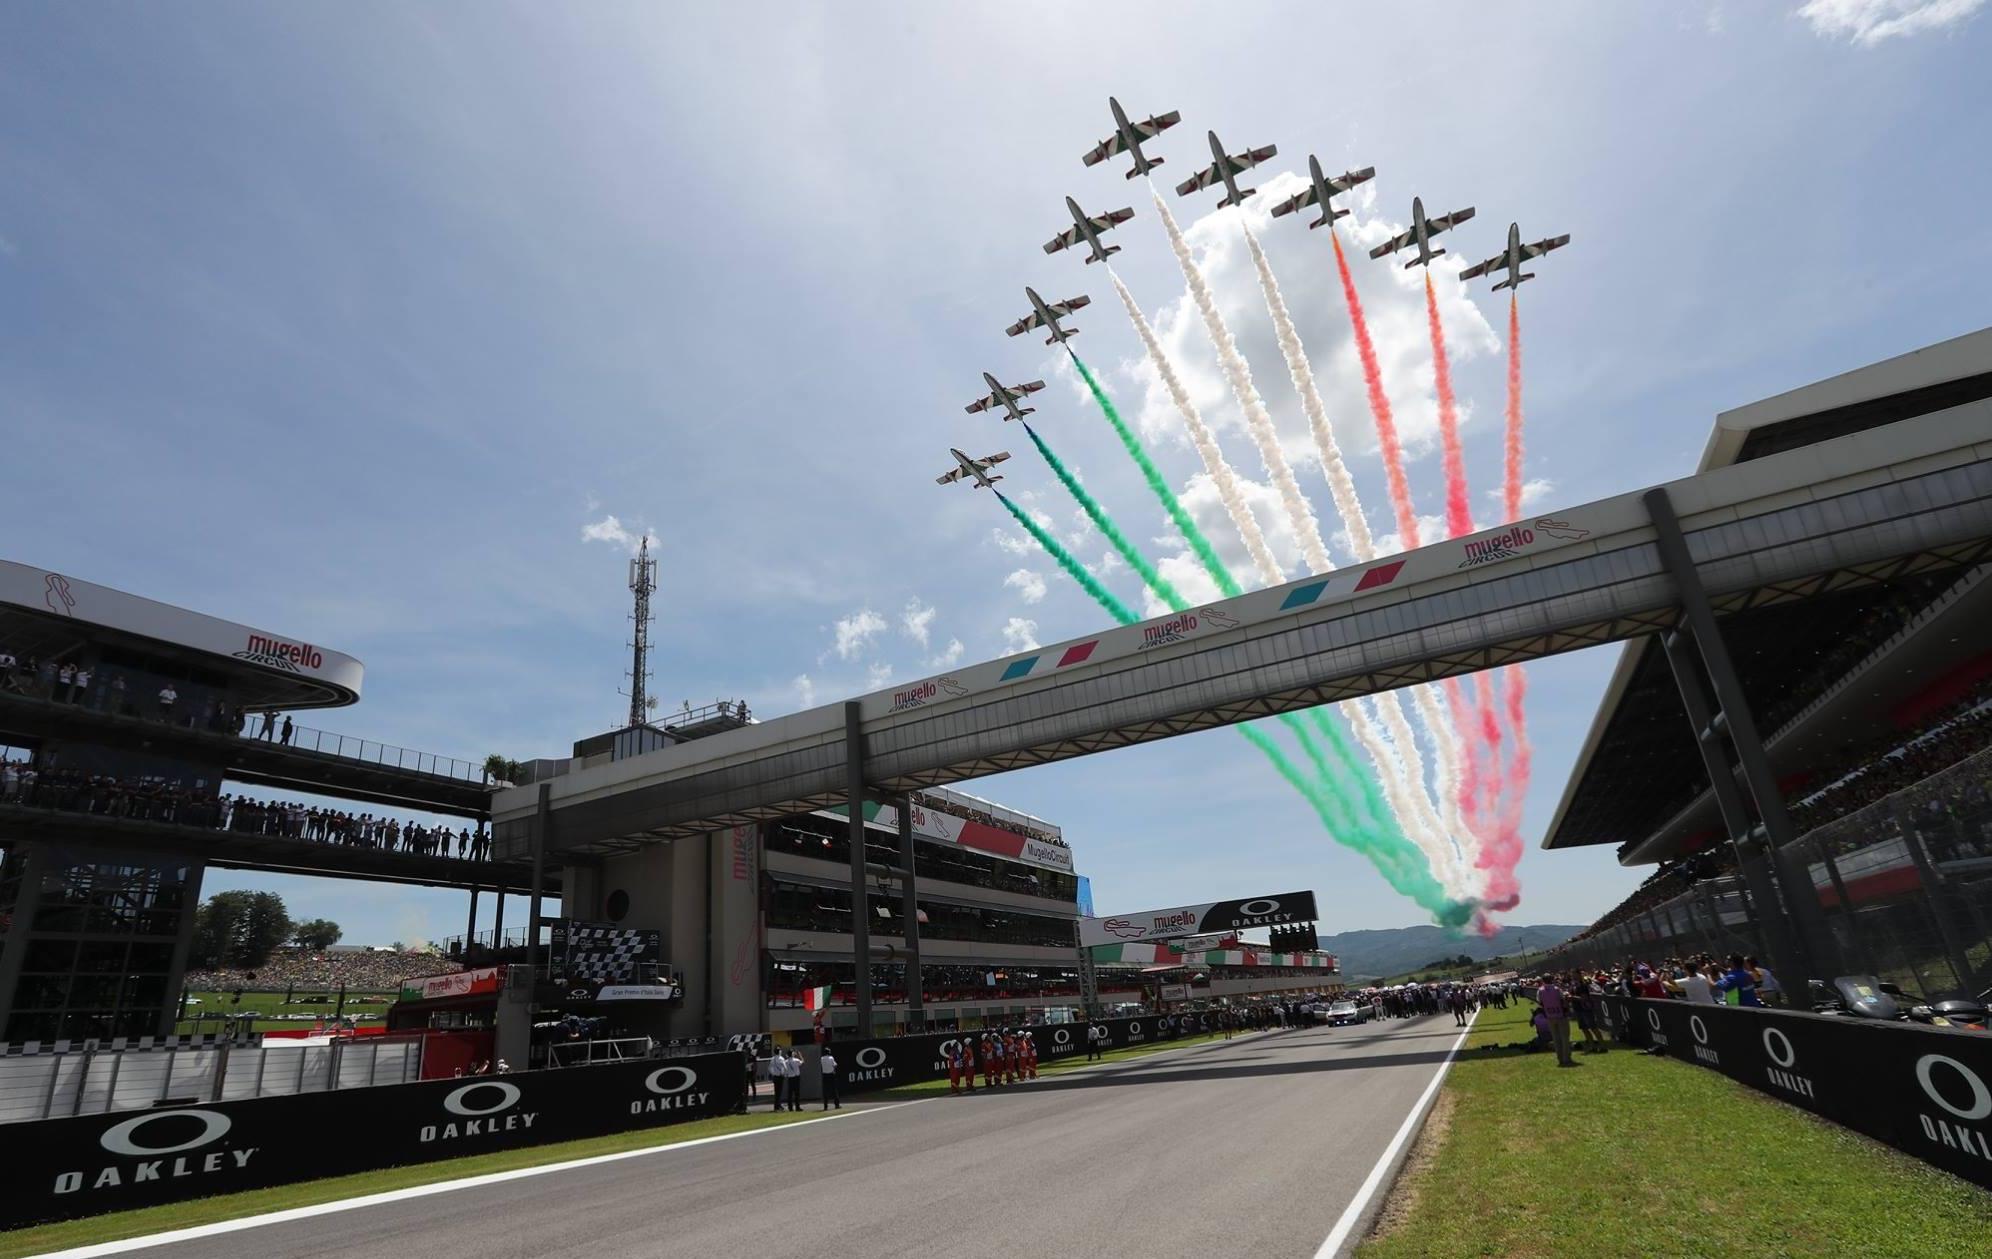 d53a772dd42736 Al via la prevendita del Gran Premio d Italia del 2 giugno 2019. Dalle 12  di domani, mercoledì 12 dicembre, cliccando su www.ticketone.it o recandosi  in uno ...